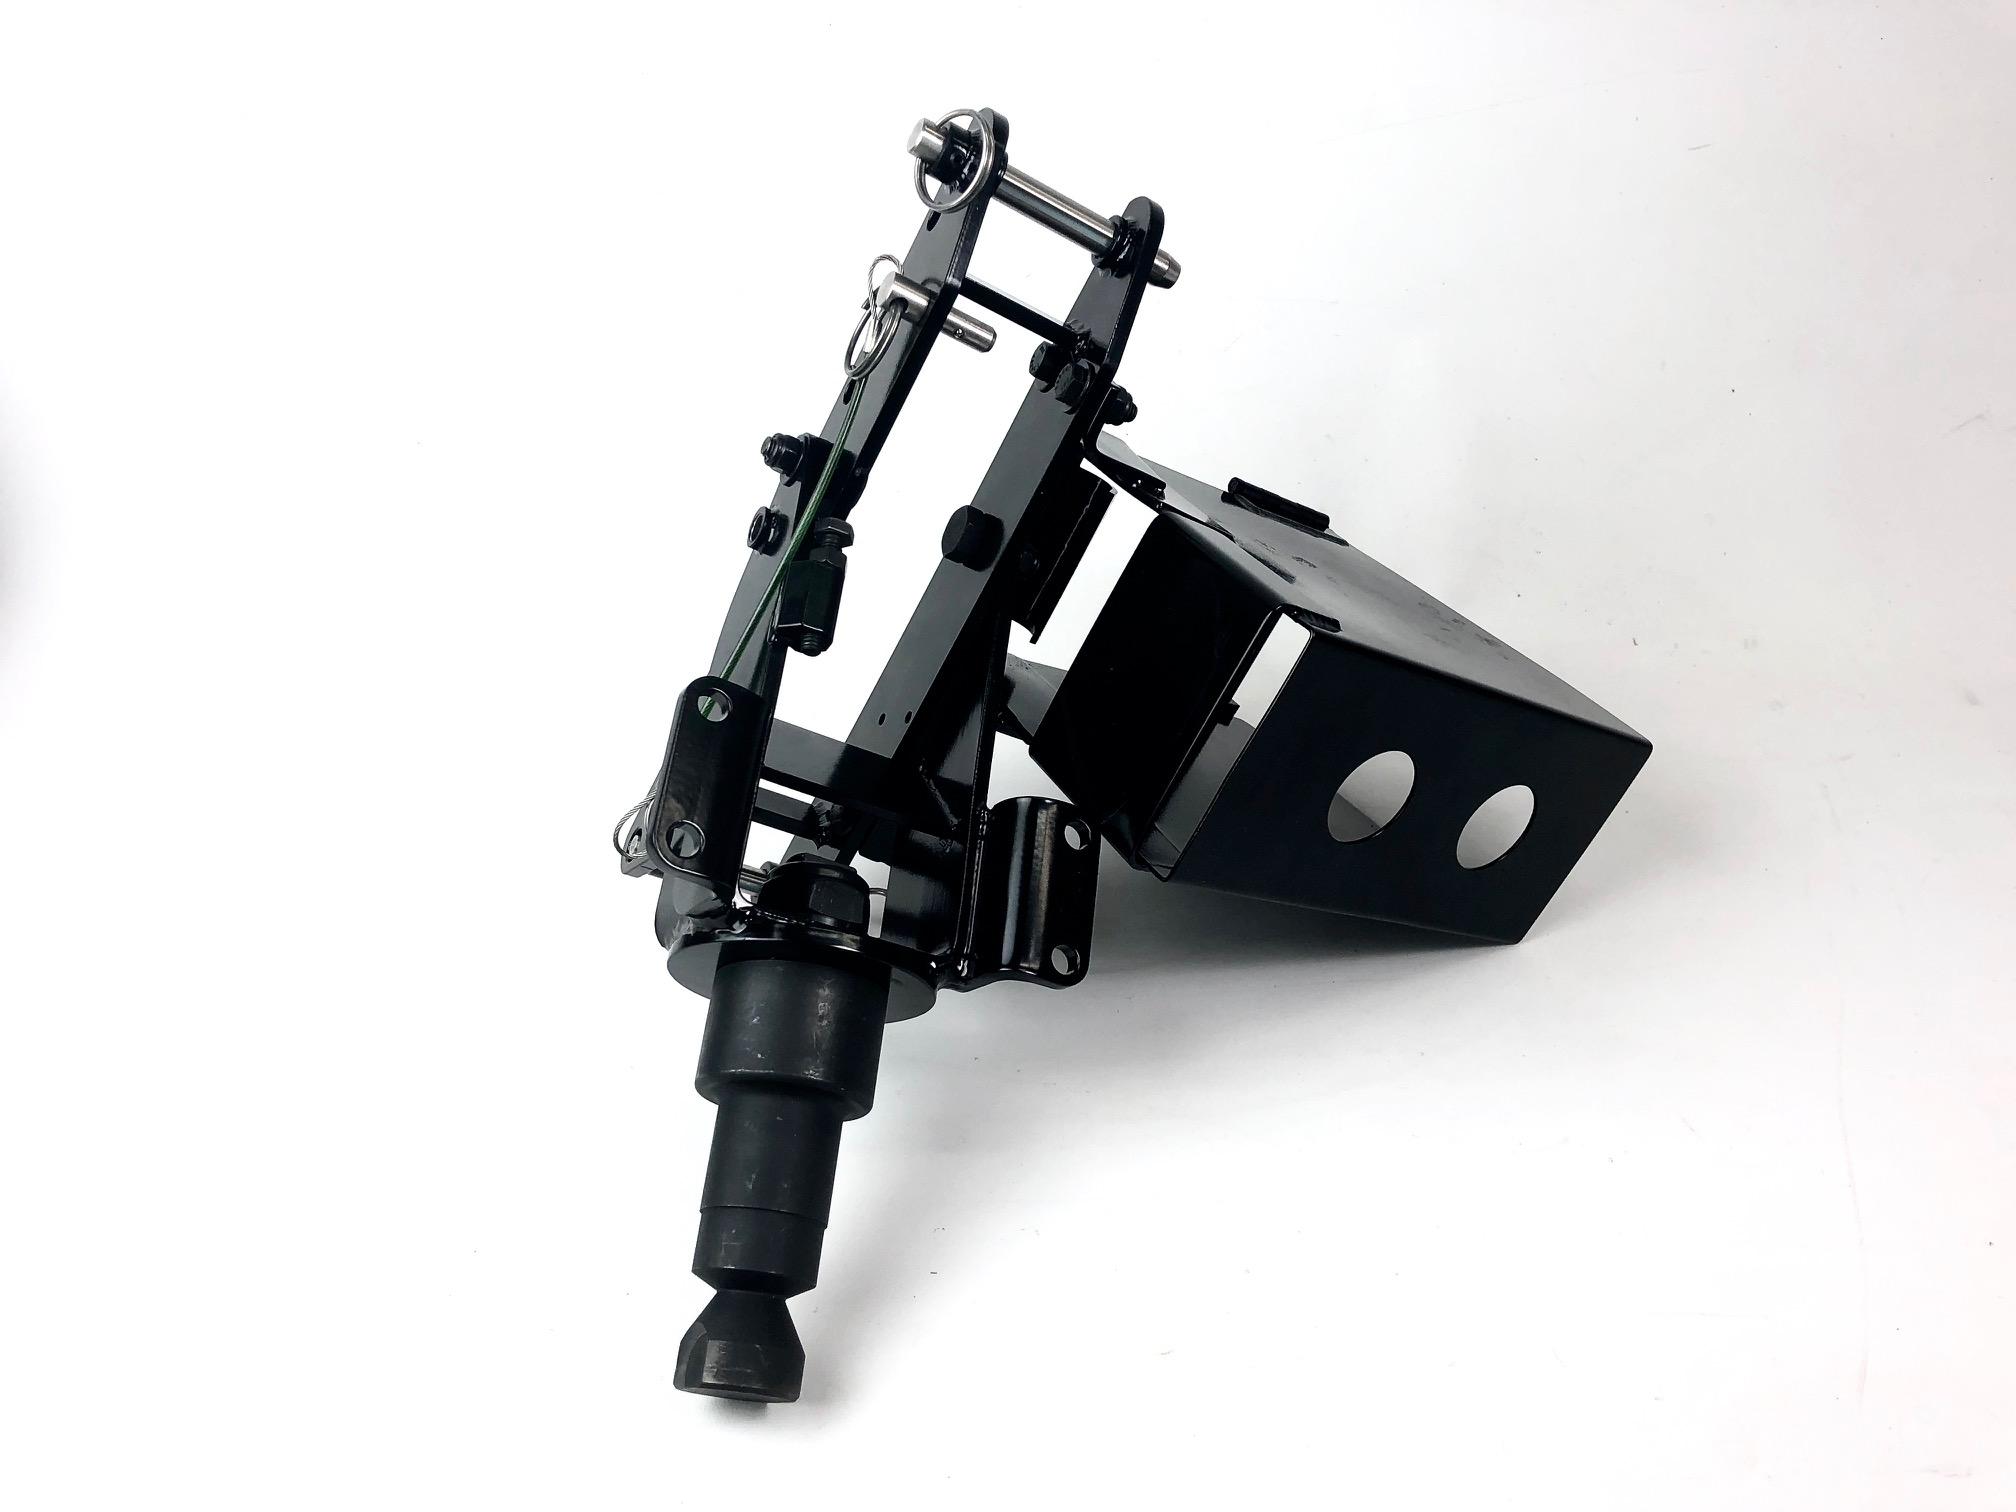 Mk97 Mod 0 Machine Gun Mount Assembly Mod Armory